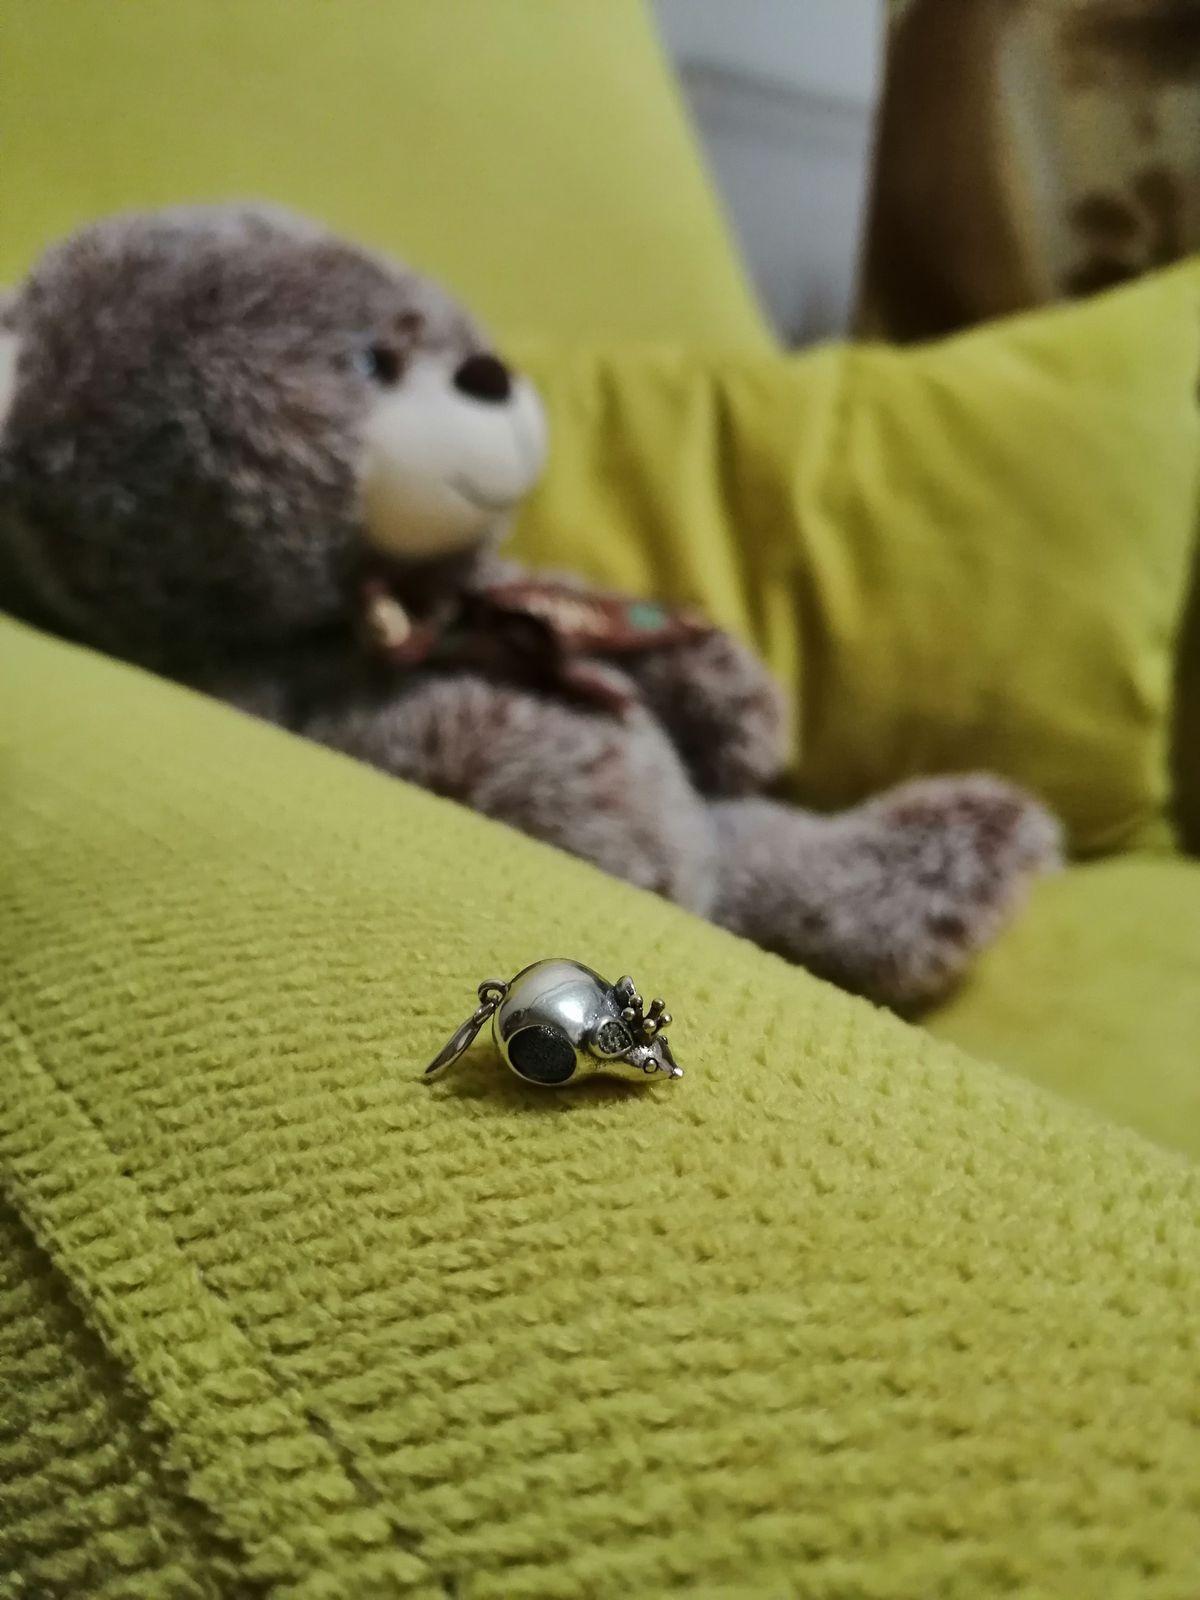 Очень милая мышка))